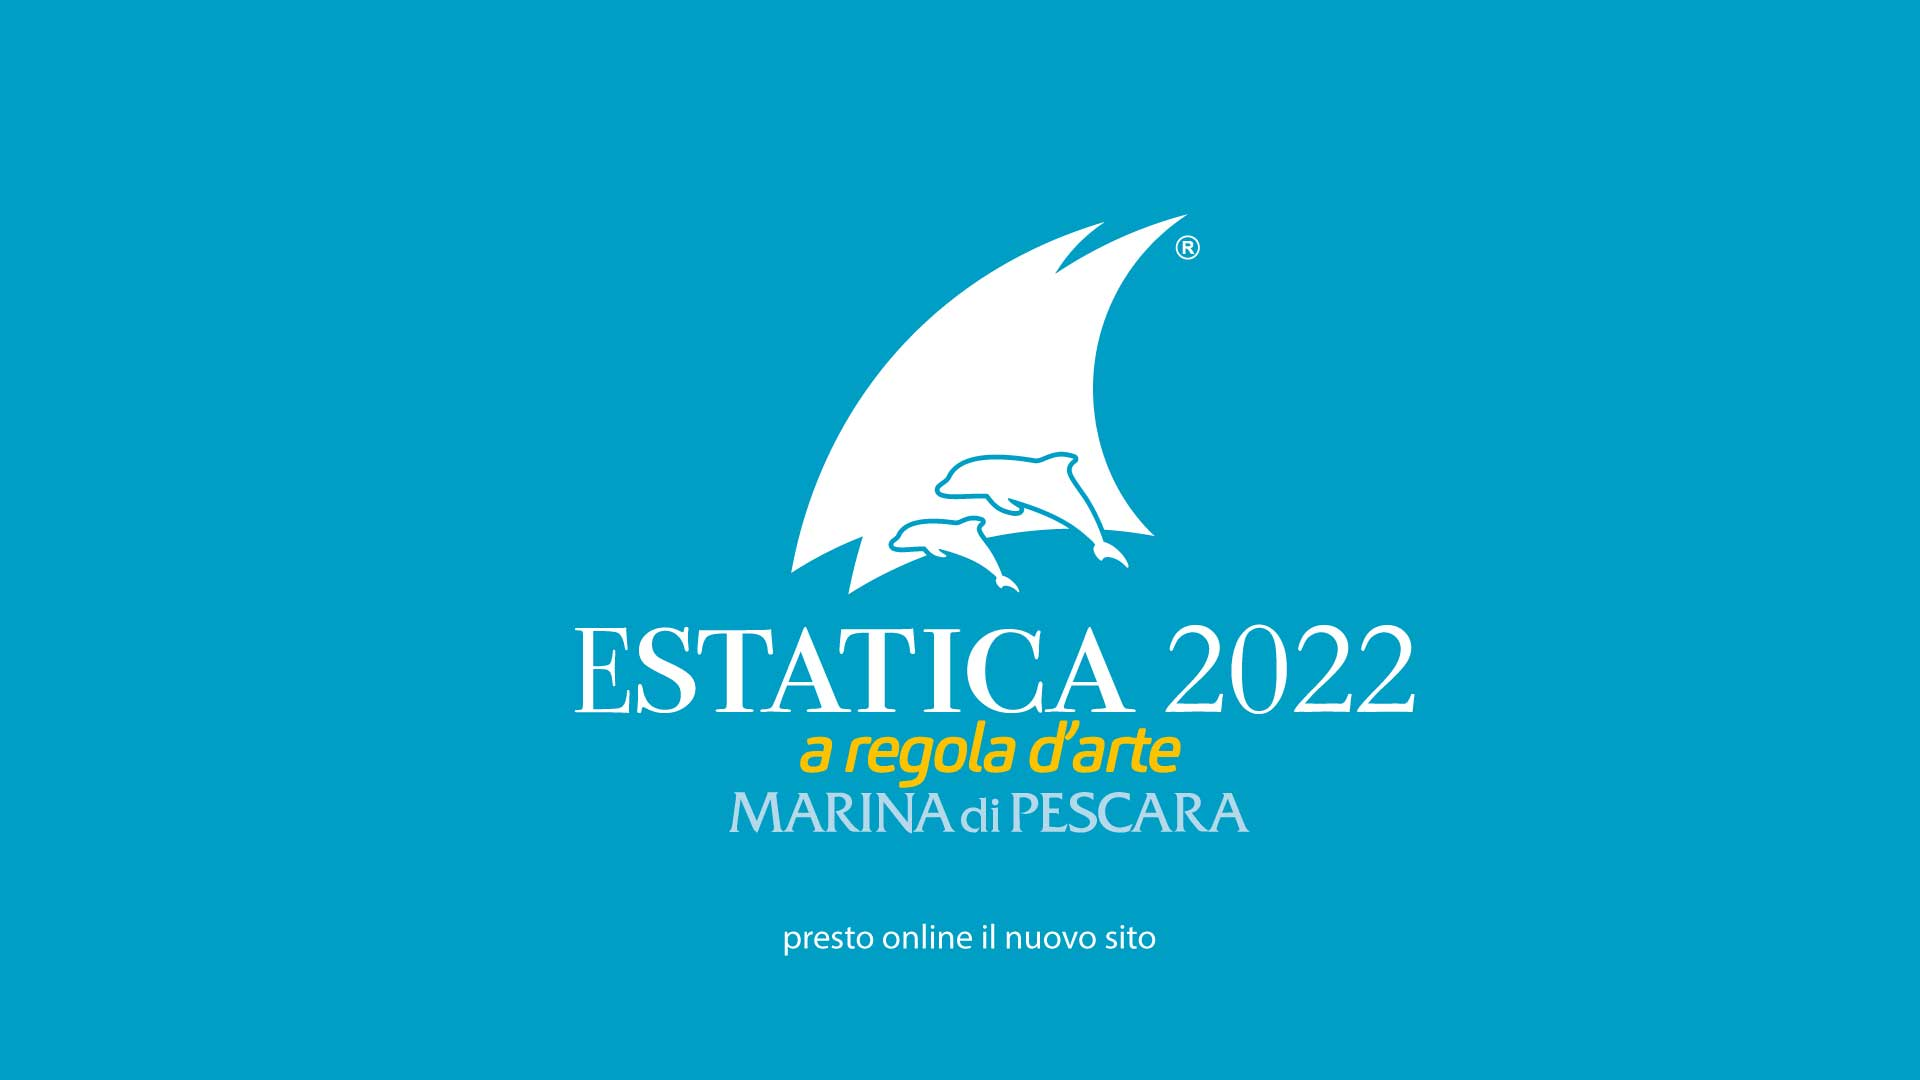 Estatica Pescara